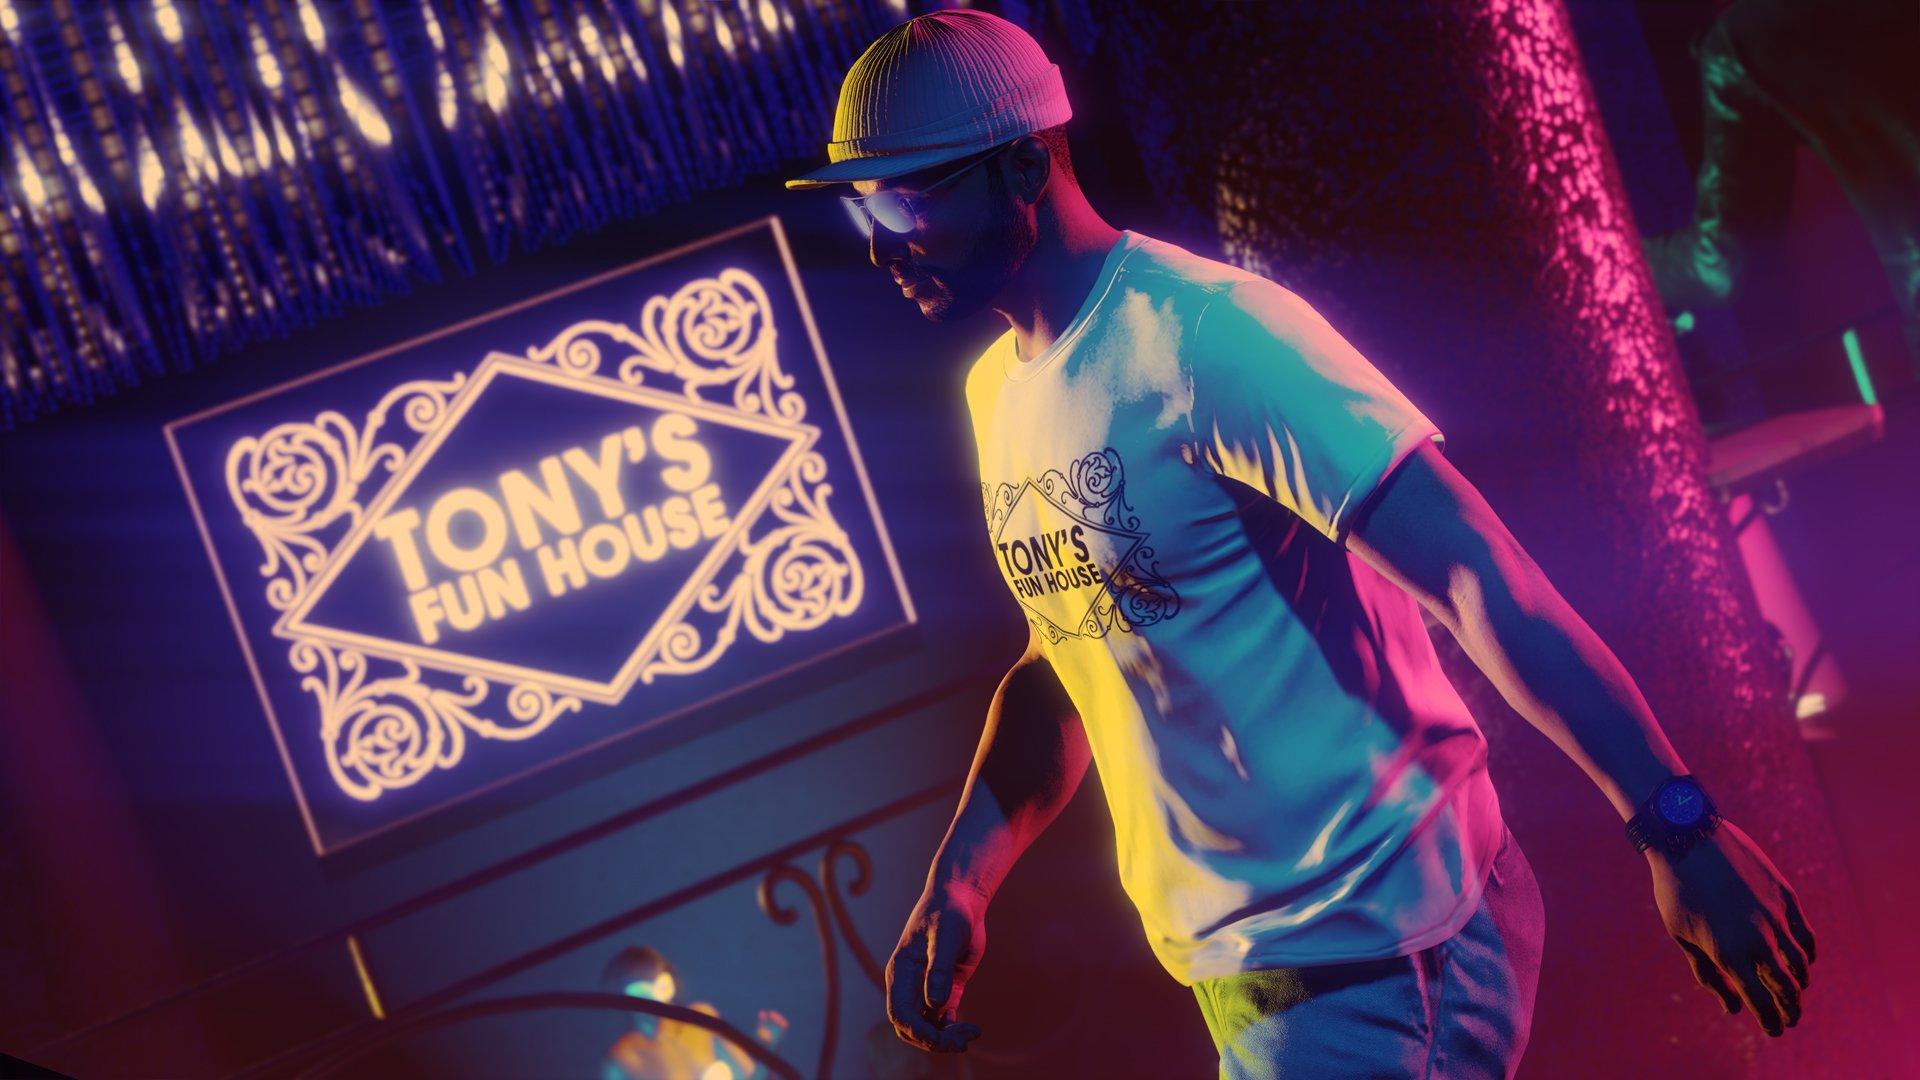 Un clip vidéo musical dans le jeu présente la mise à jour de GTA Online après les heures d'ouverture.